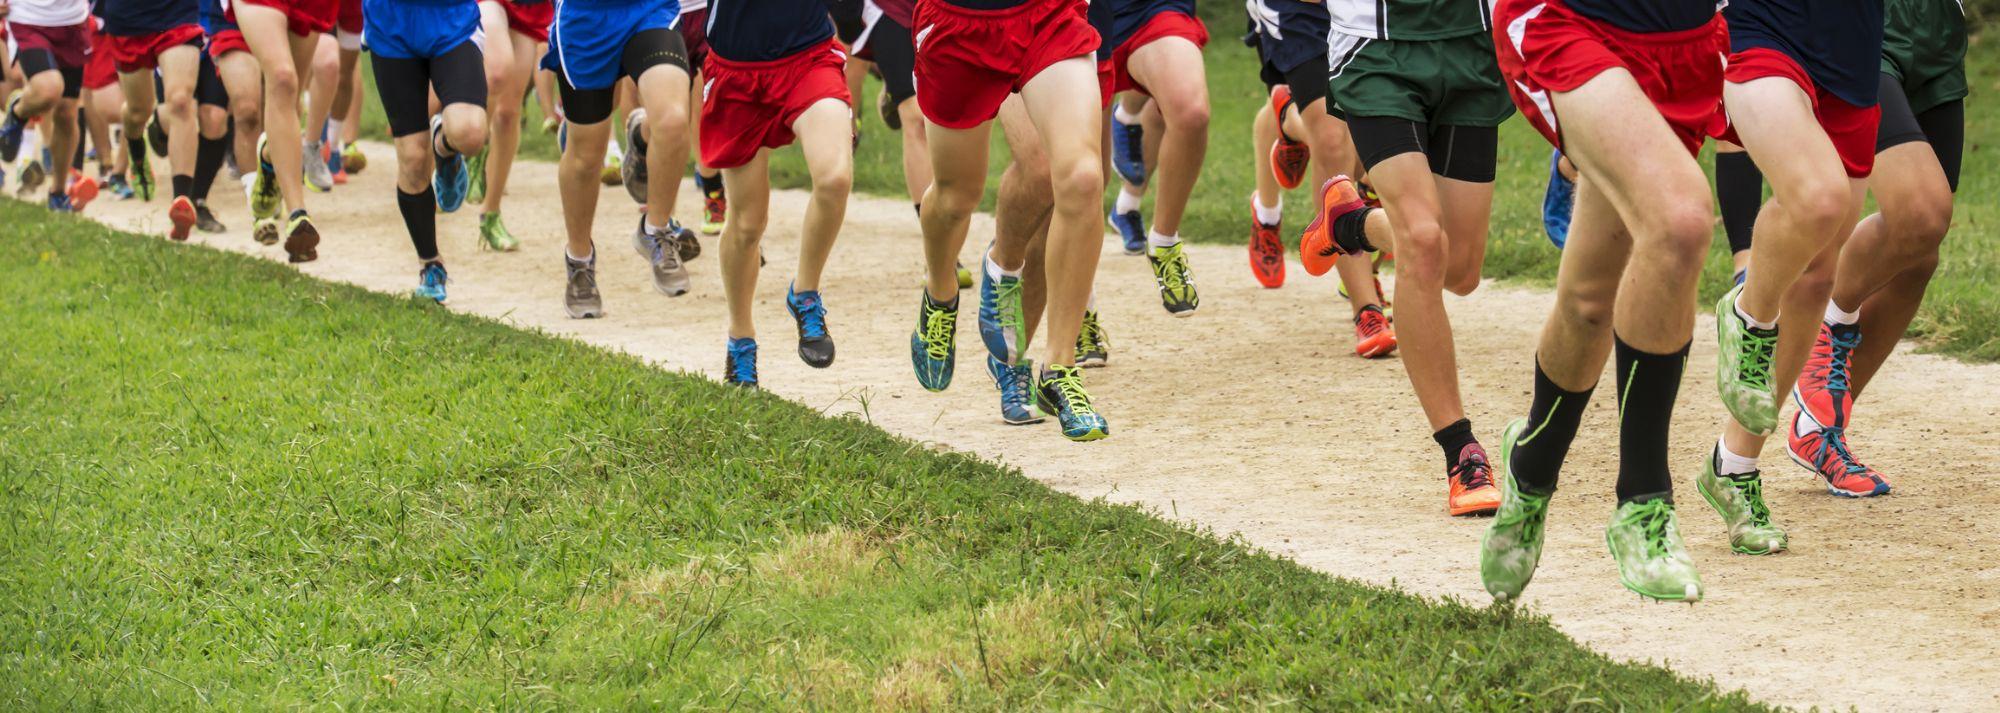 07.05.2015 מרוץ האביב, טירת הכרמל